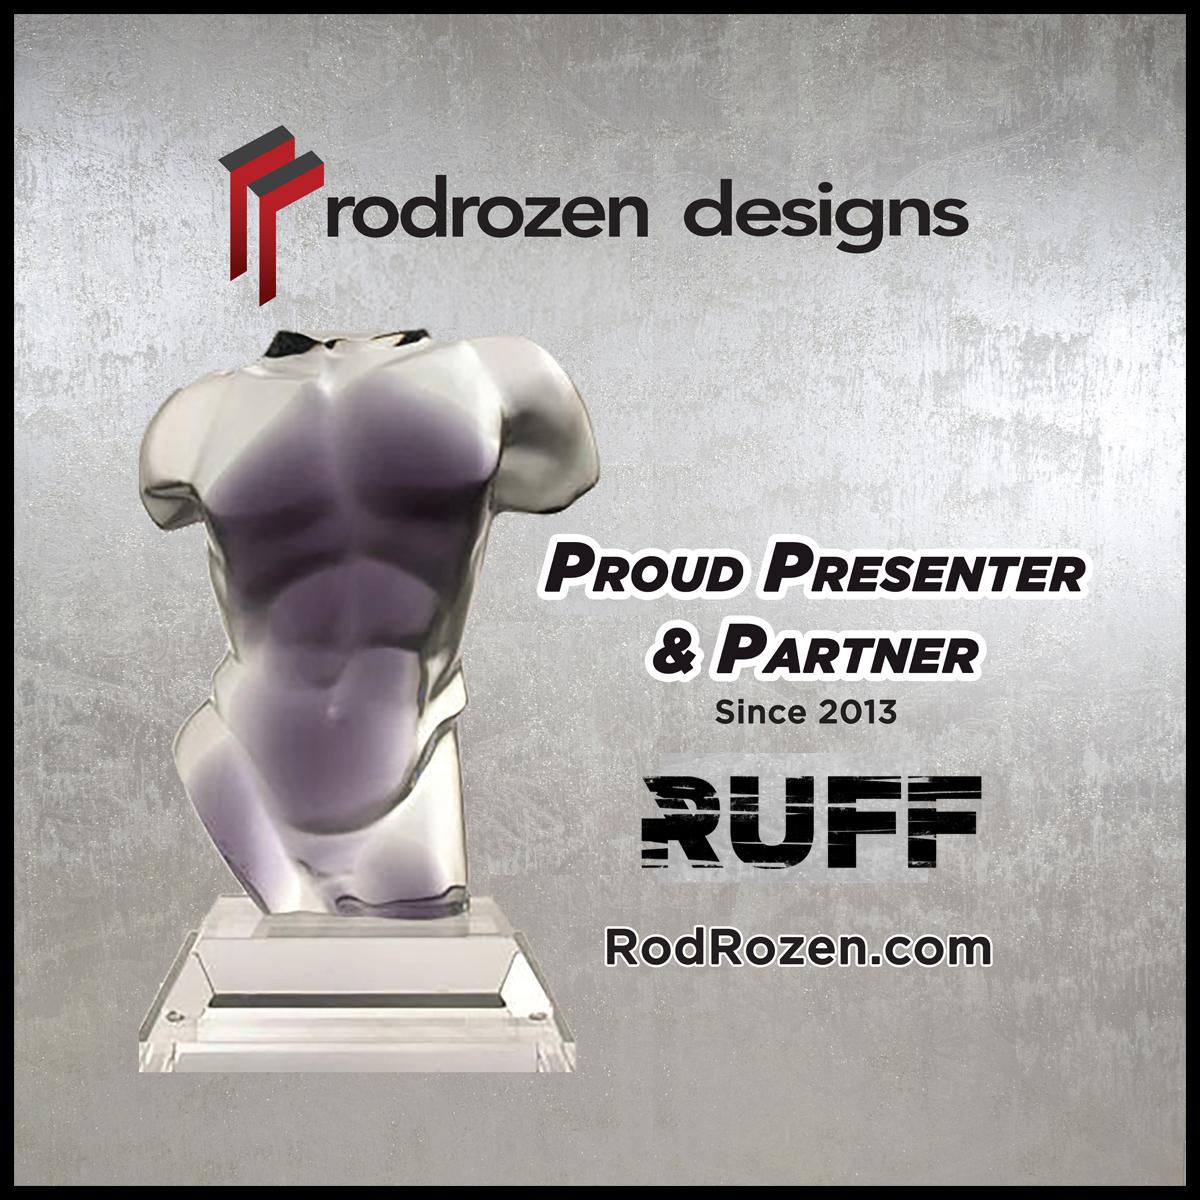 RodRozen Designs